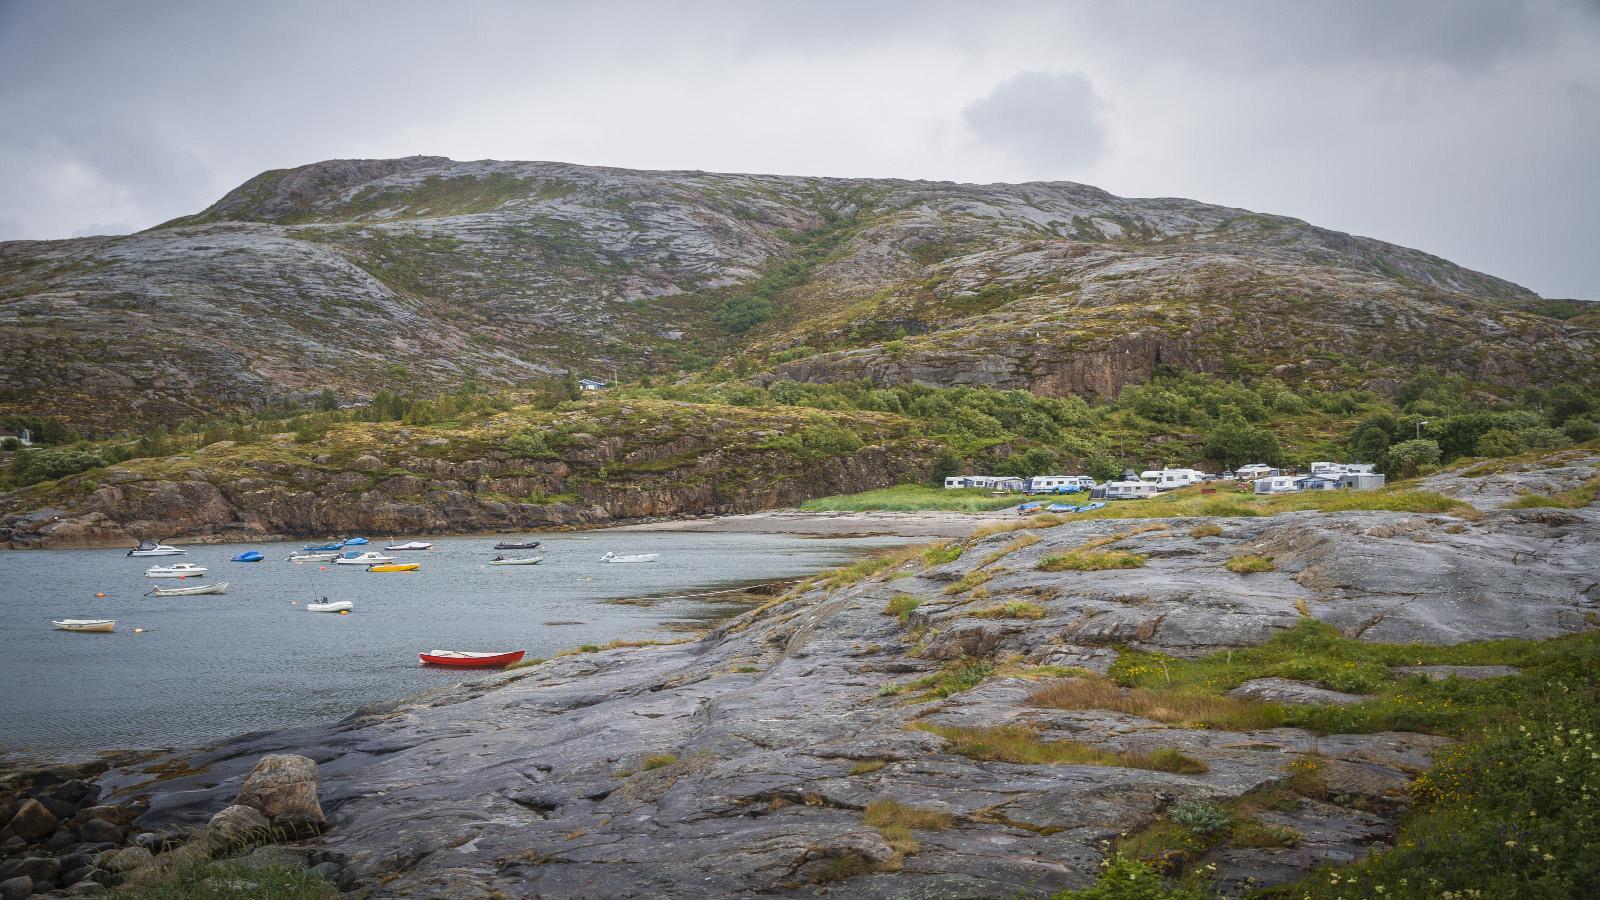 Camping i Flatanger på Namdalskysten, Trøndelag, Foto: Søderholm Steen /trondelag.com